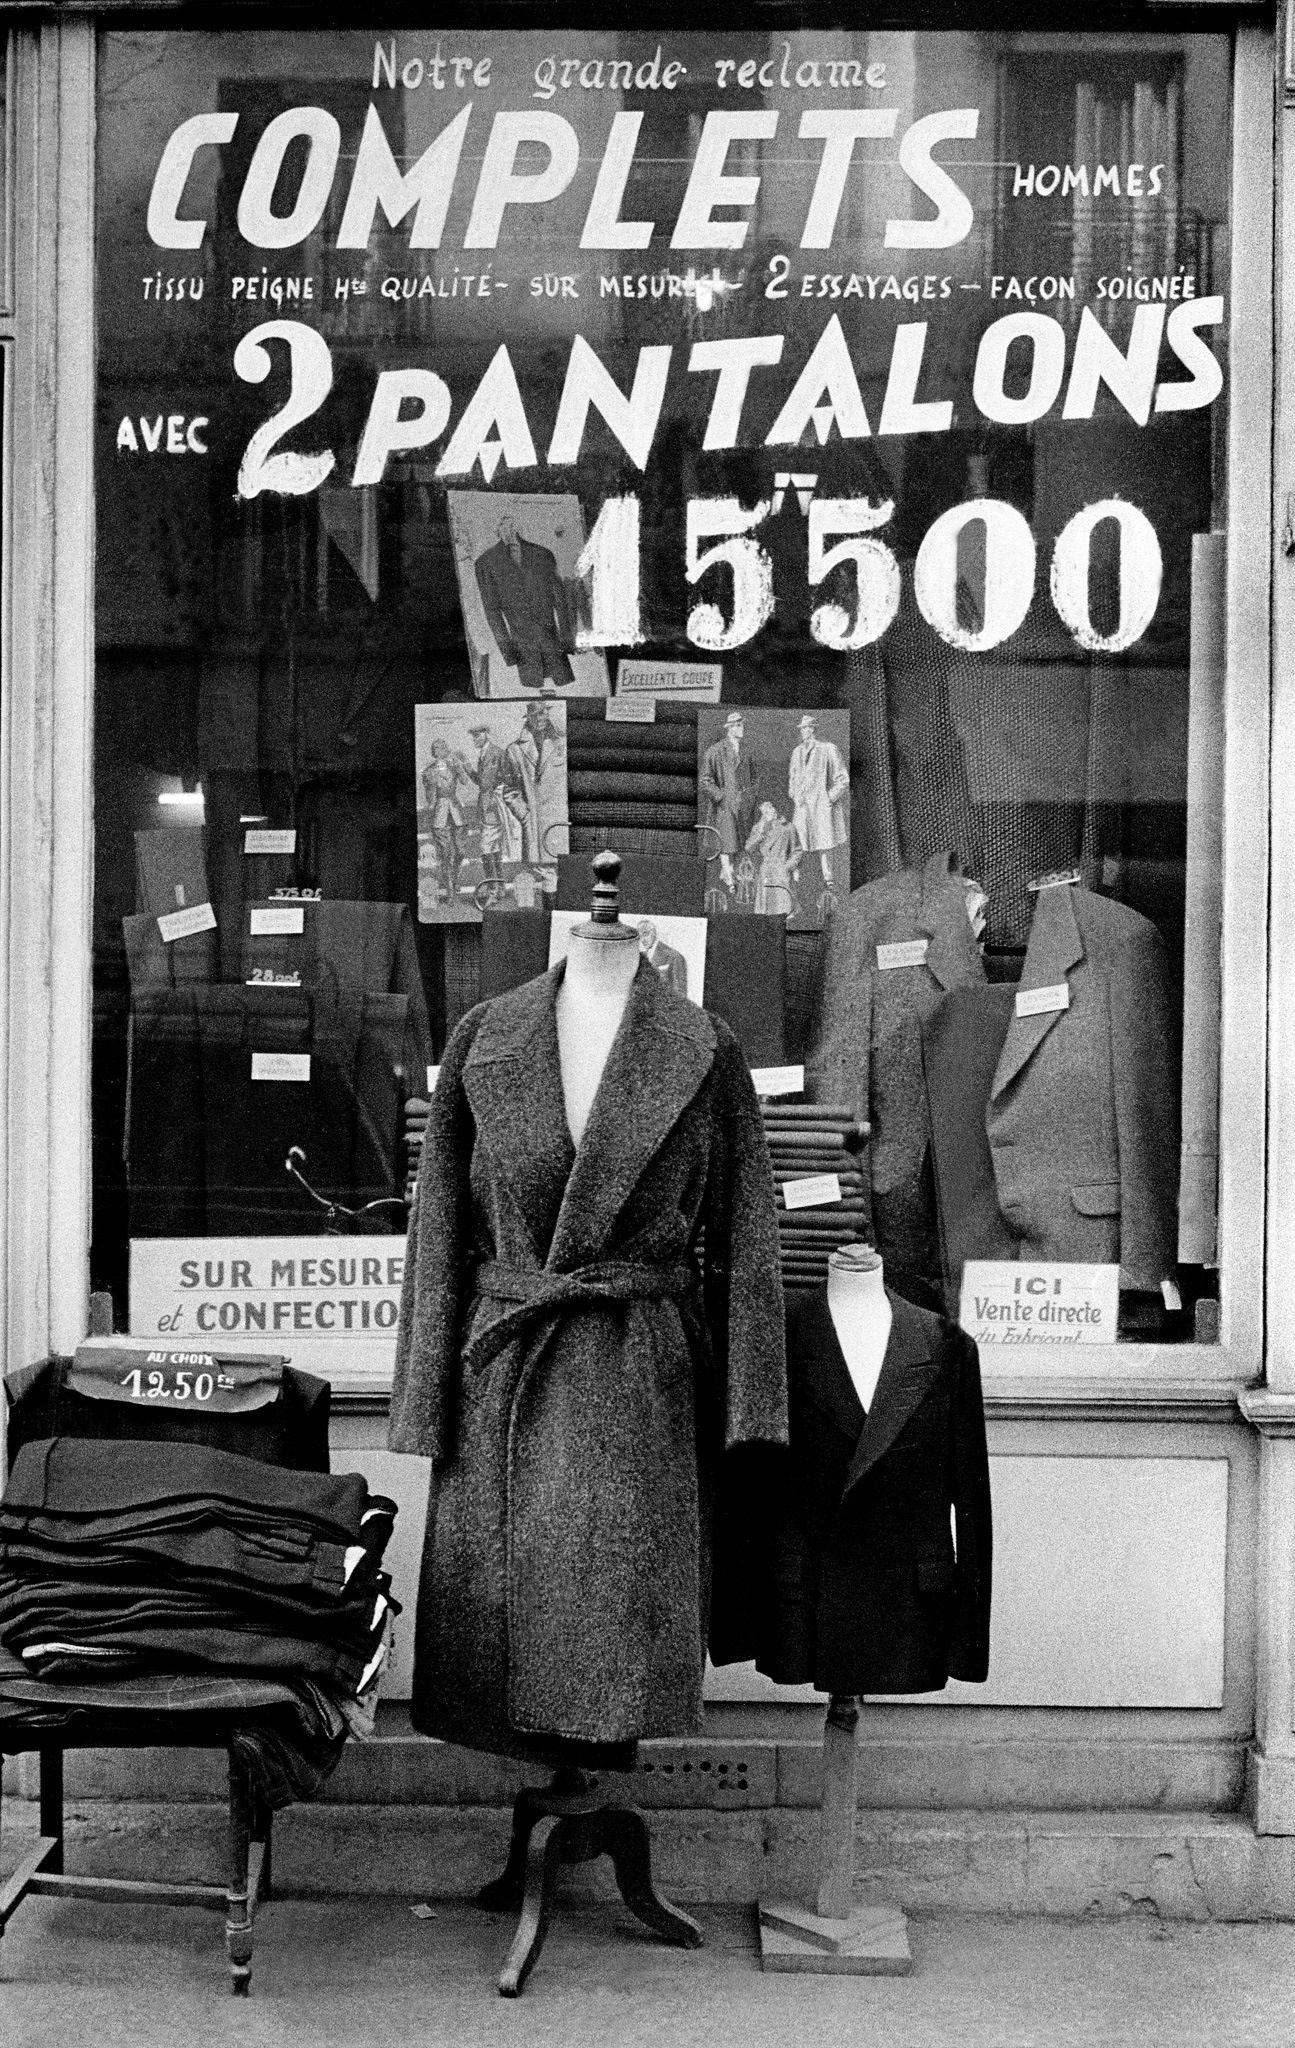 1955, Paris, tailor shop by Frank Horvat